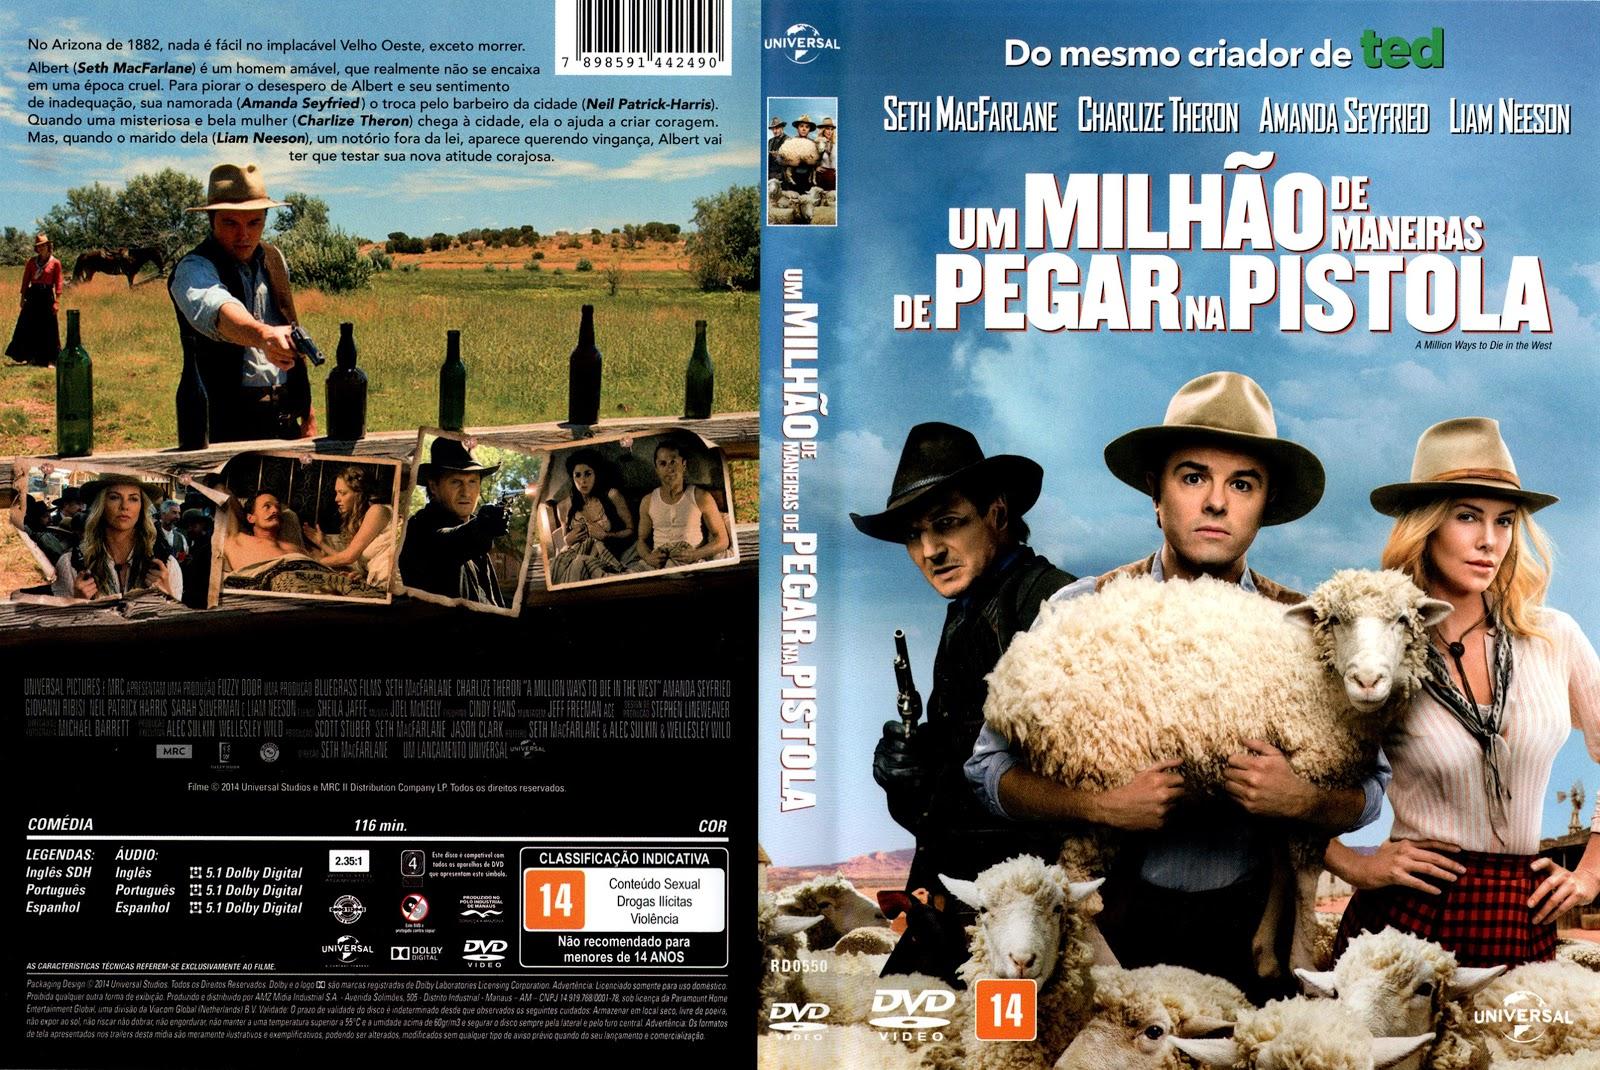 Capa DVD Um Milhão De Maneiras De Pegar Na Pistola